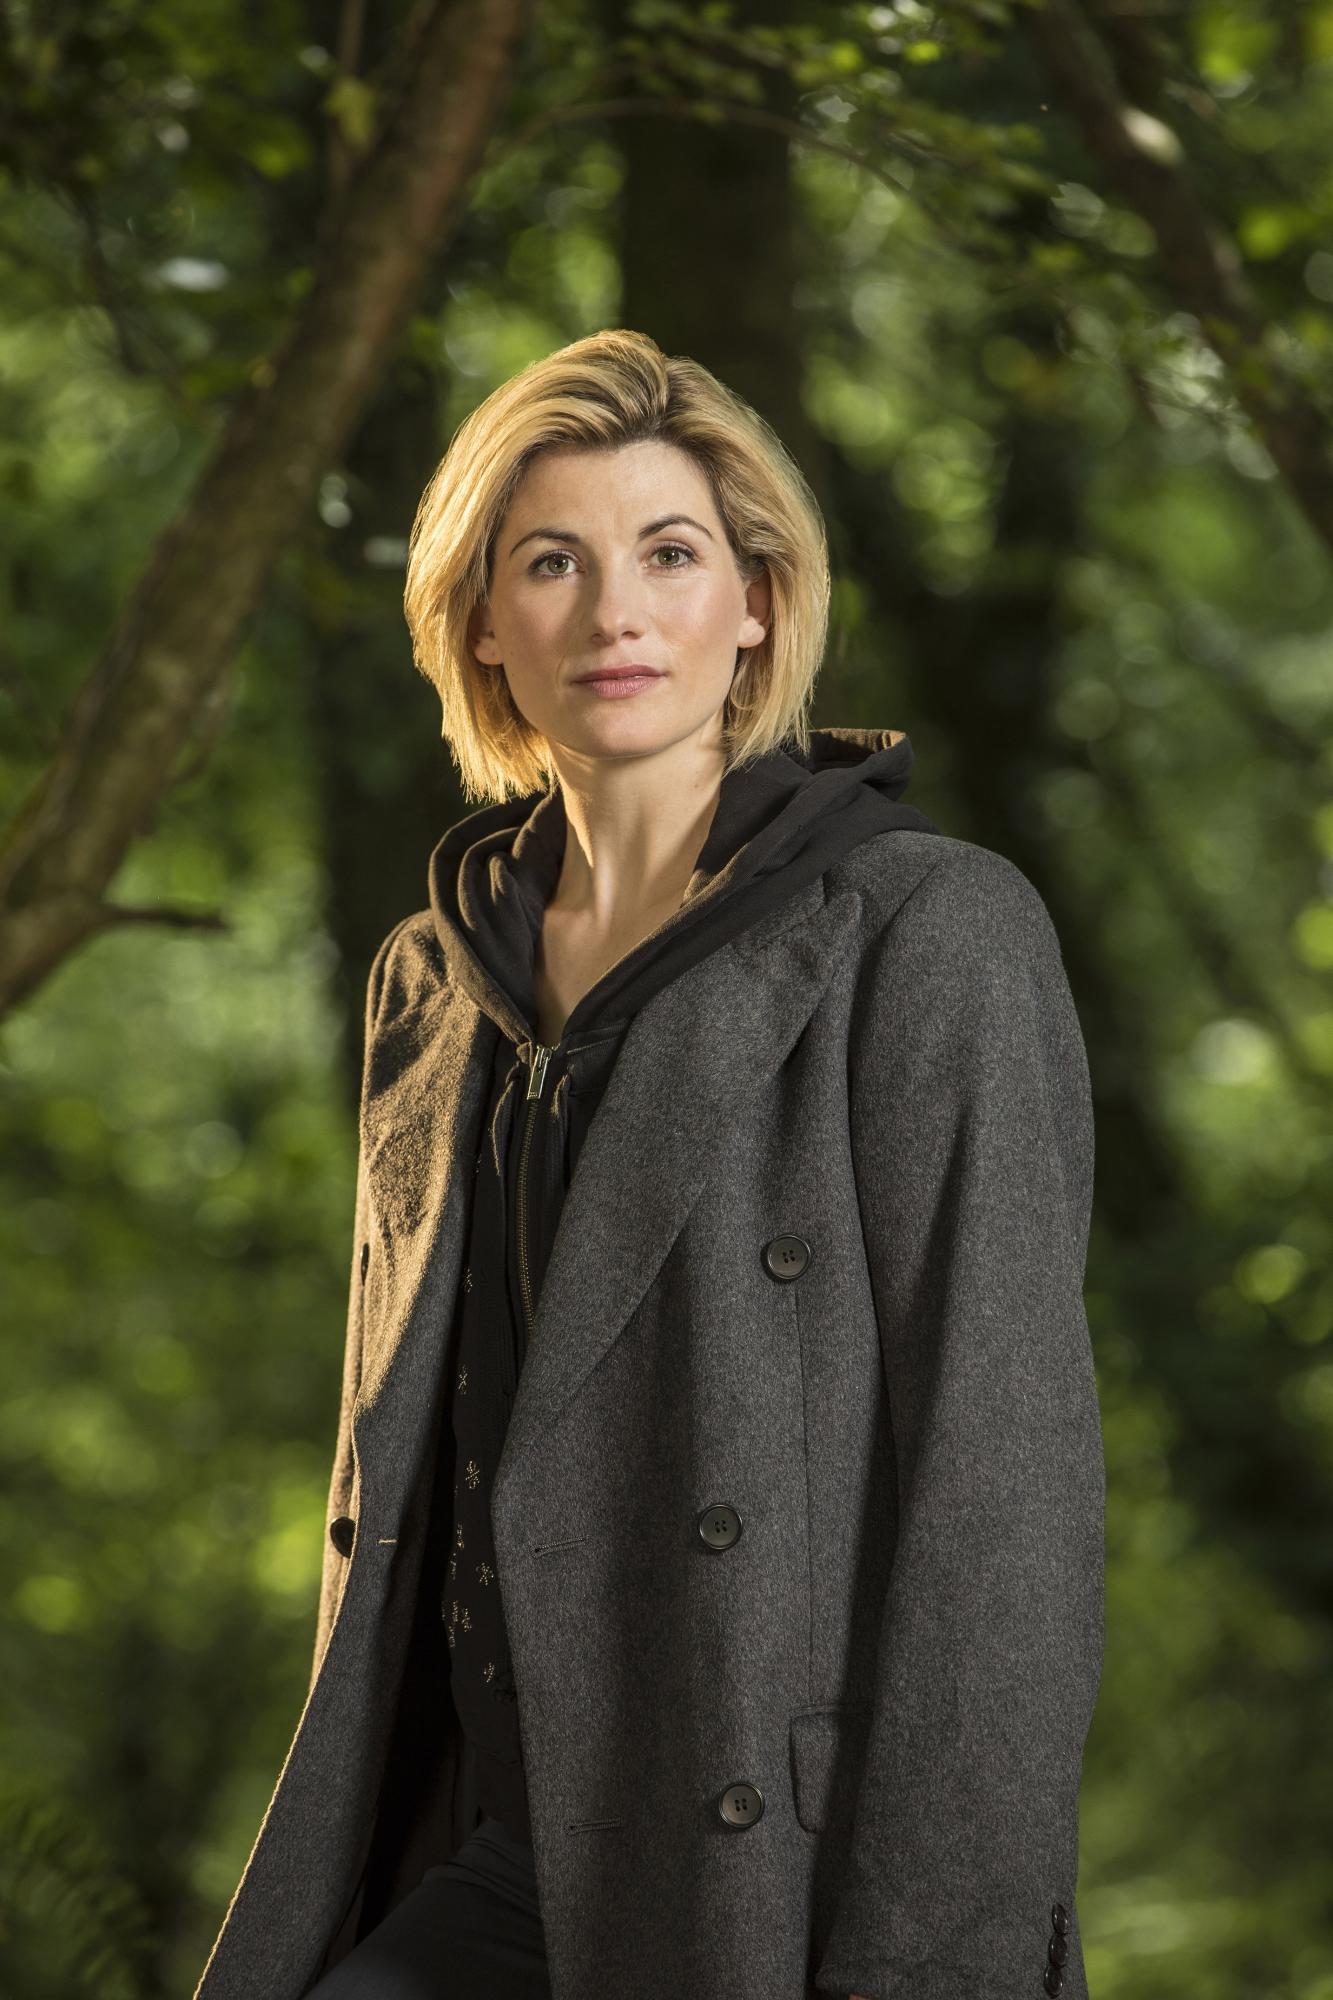 Wir haben einen 13. Doktor! #DoctorWho 2